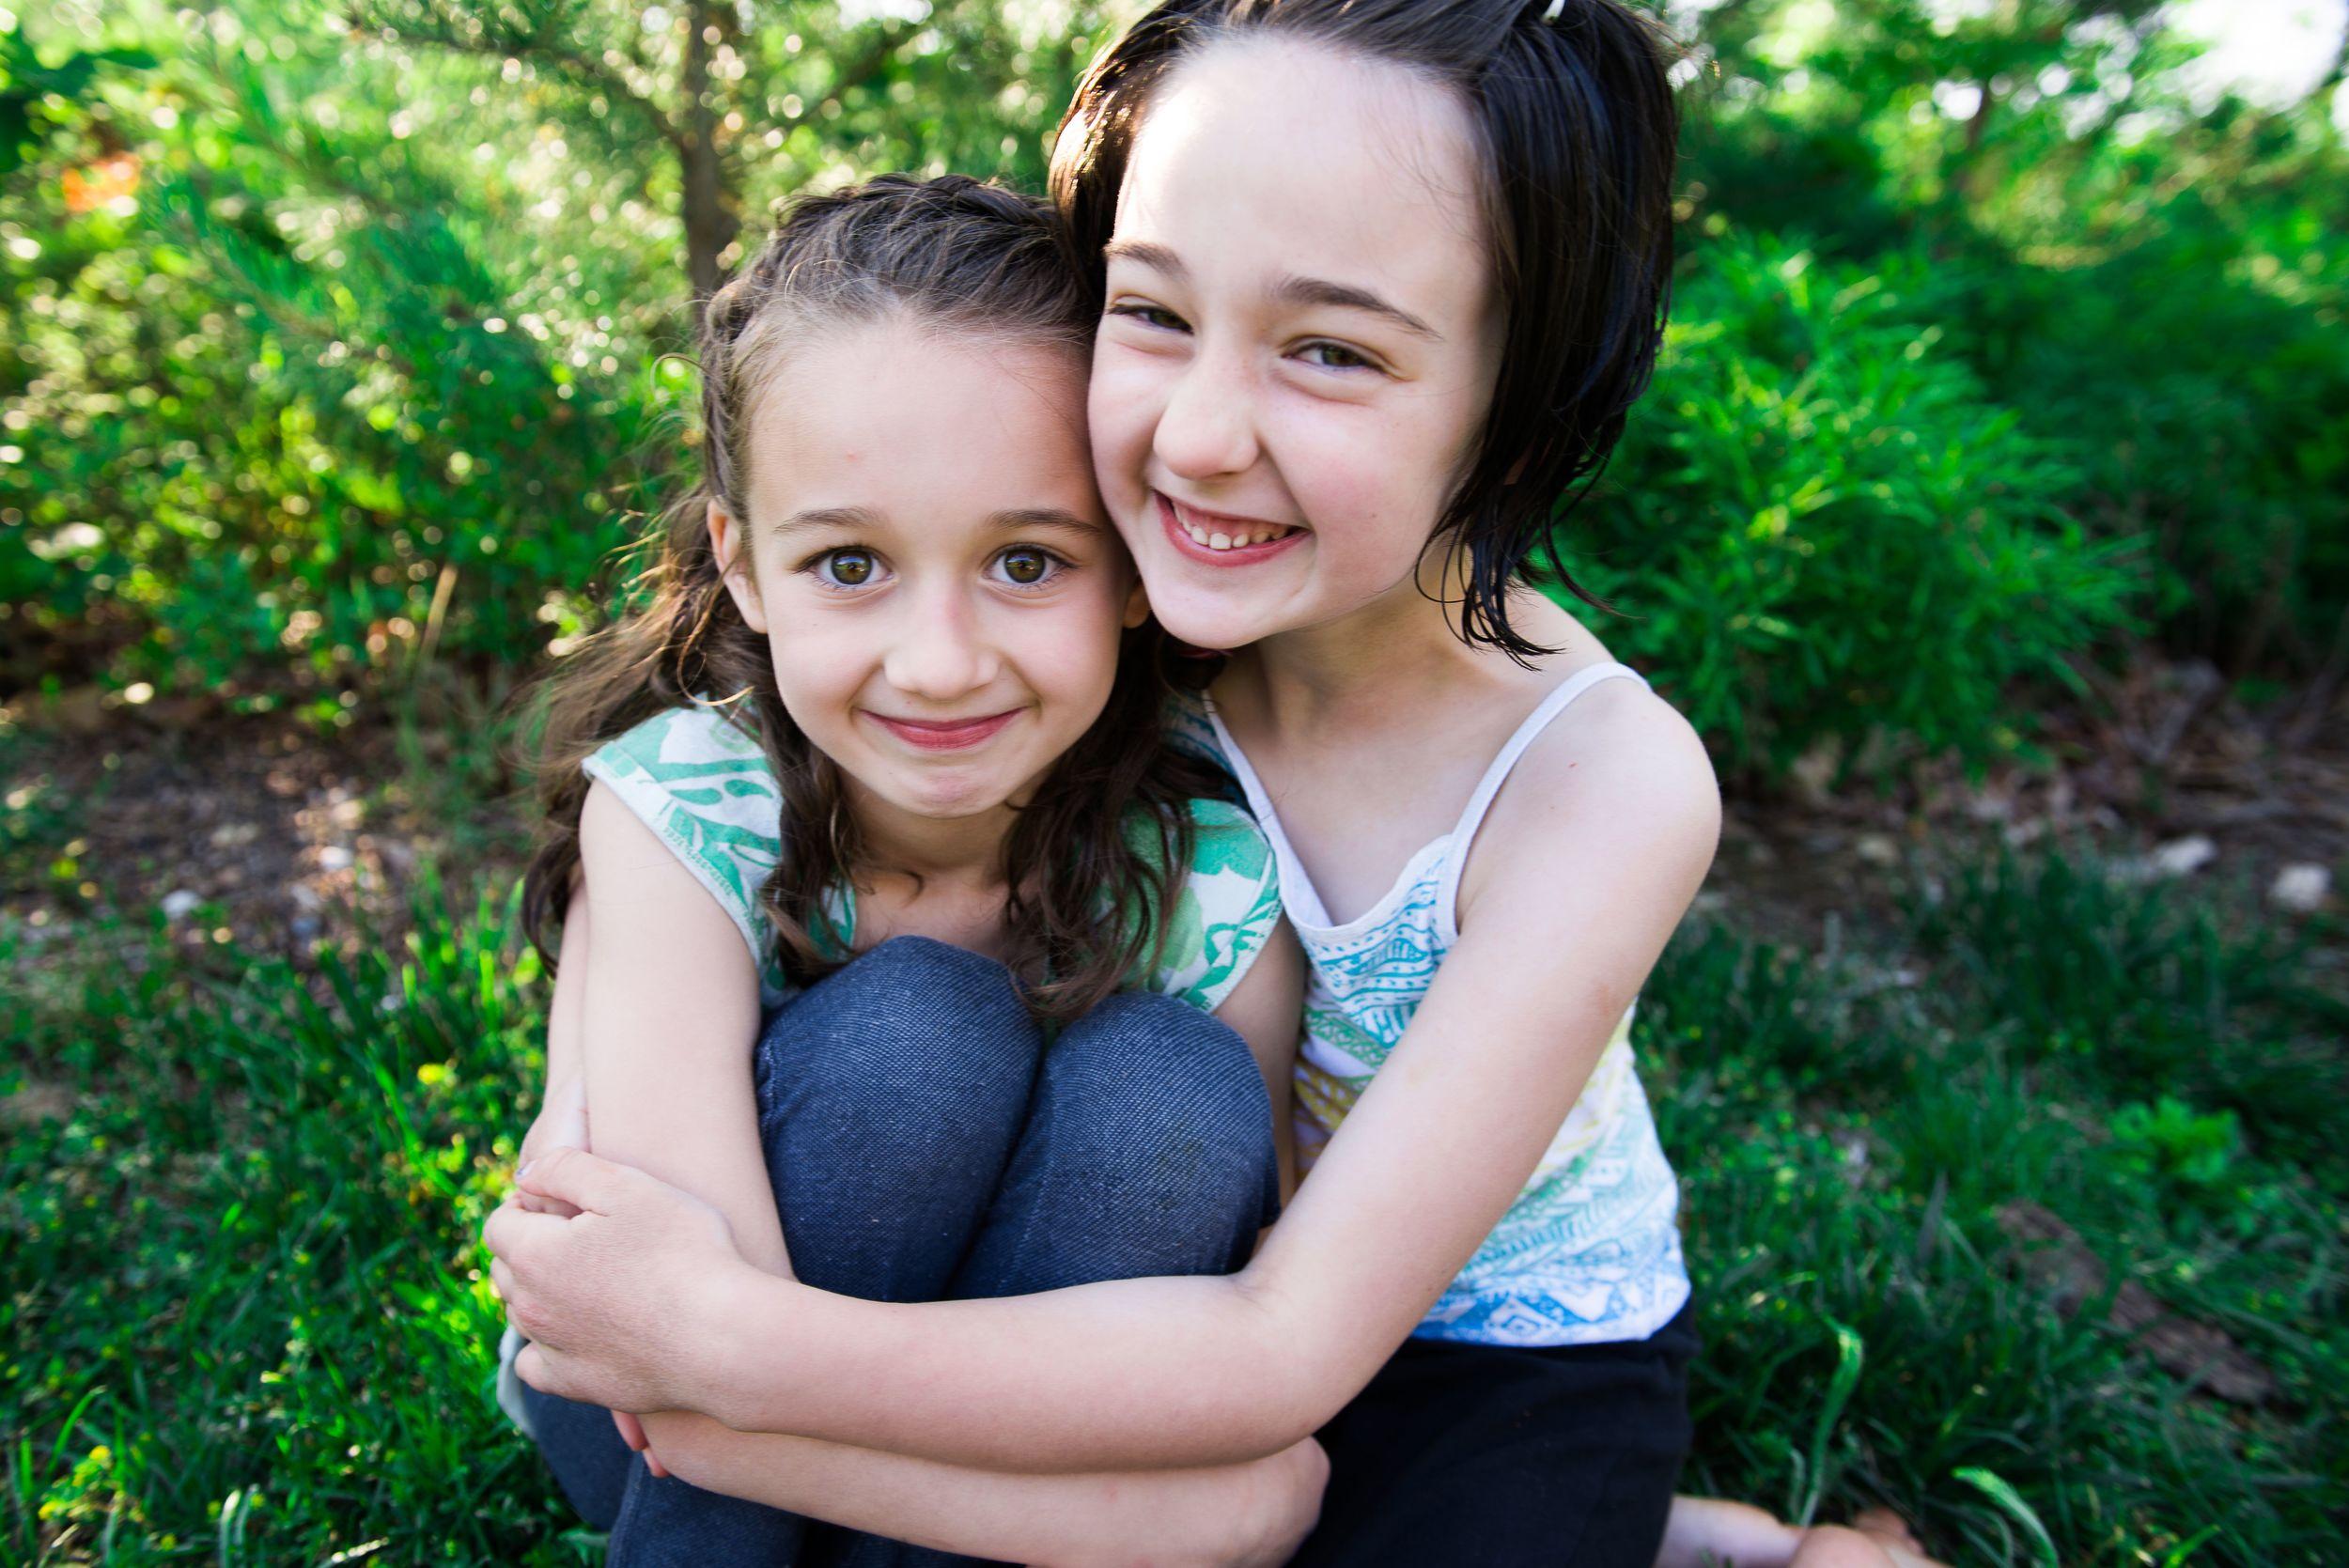 Koko and Lucia Capece